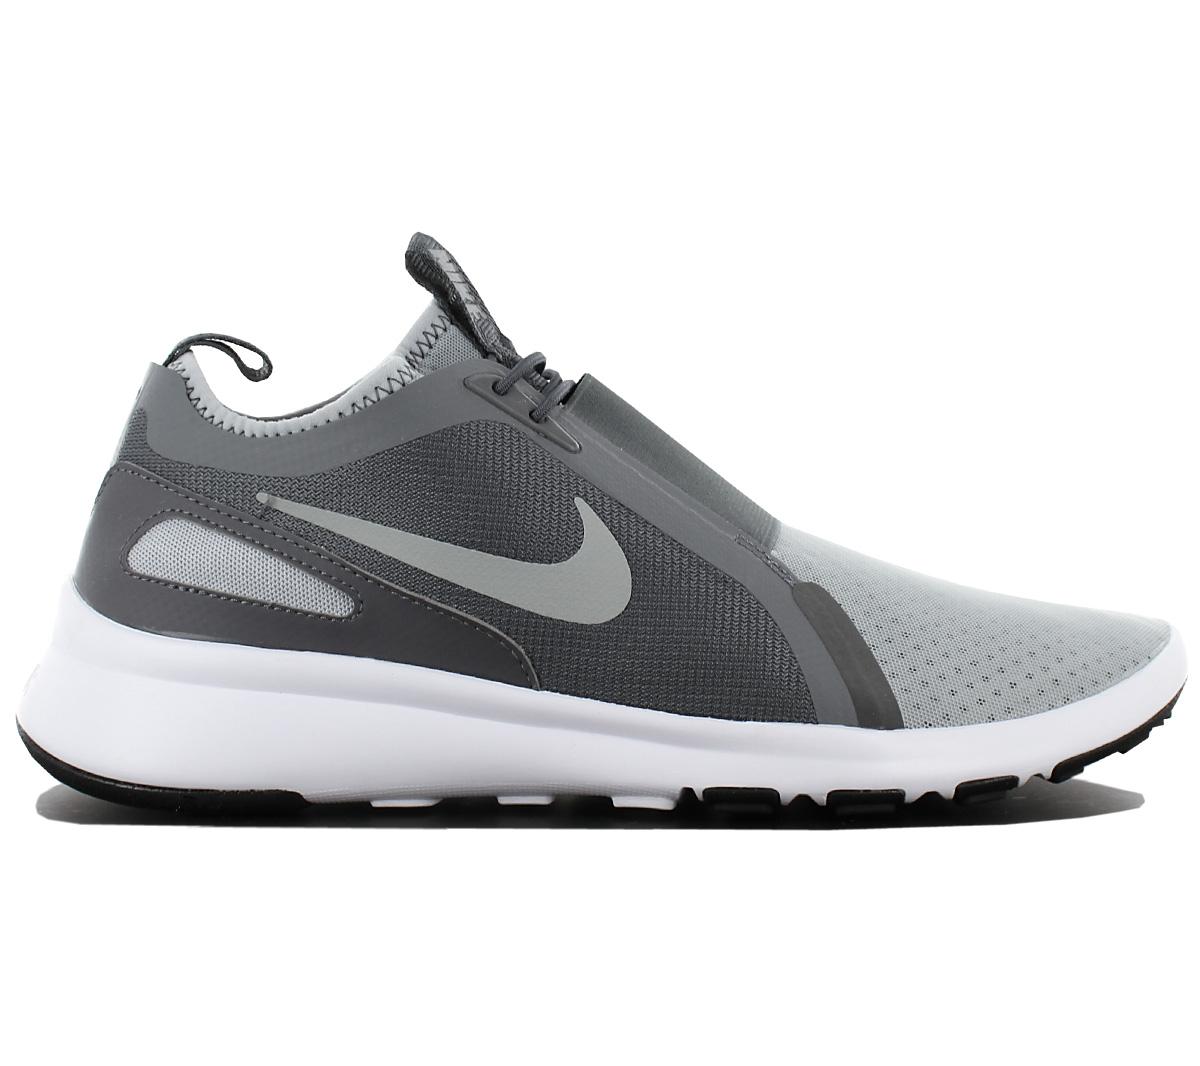 Nike Current Slip Schuhe On RN Herren Sneaker Schuhe Slip Turnschuhe Freizeit Free NEU 6ead8d